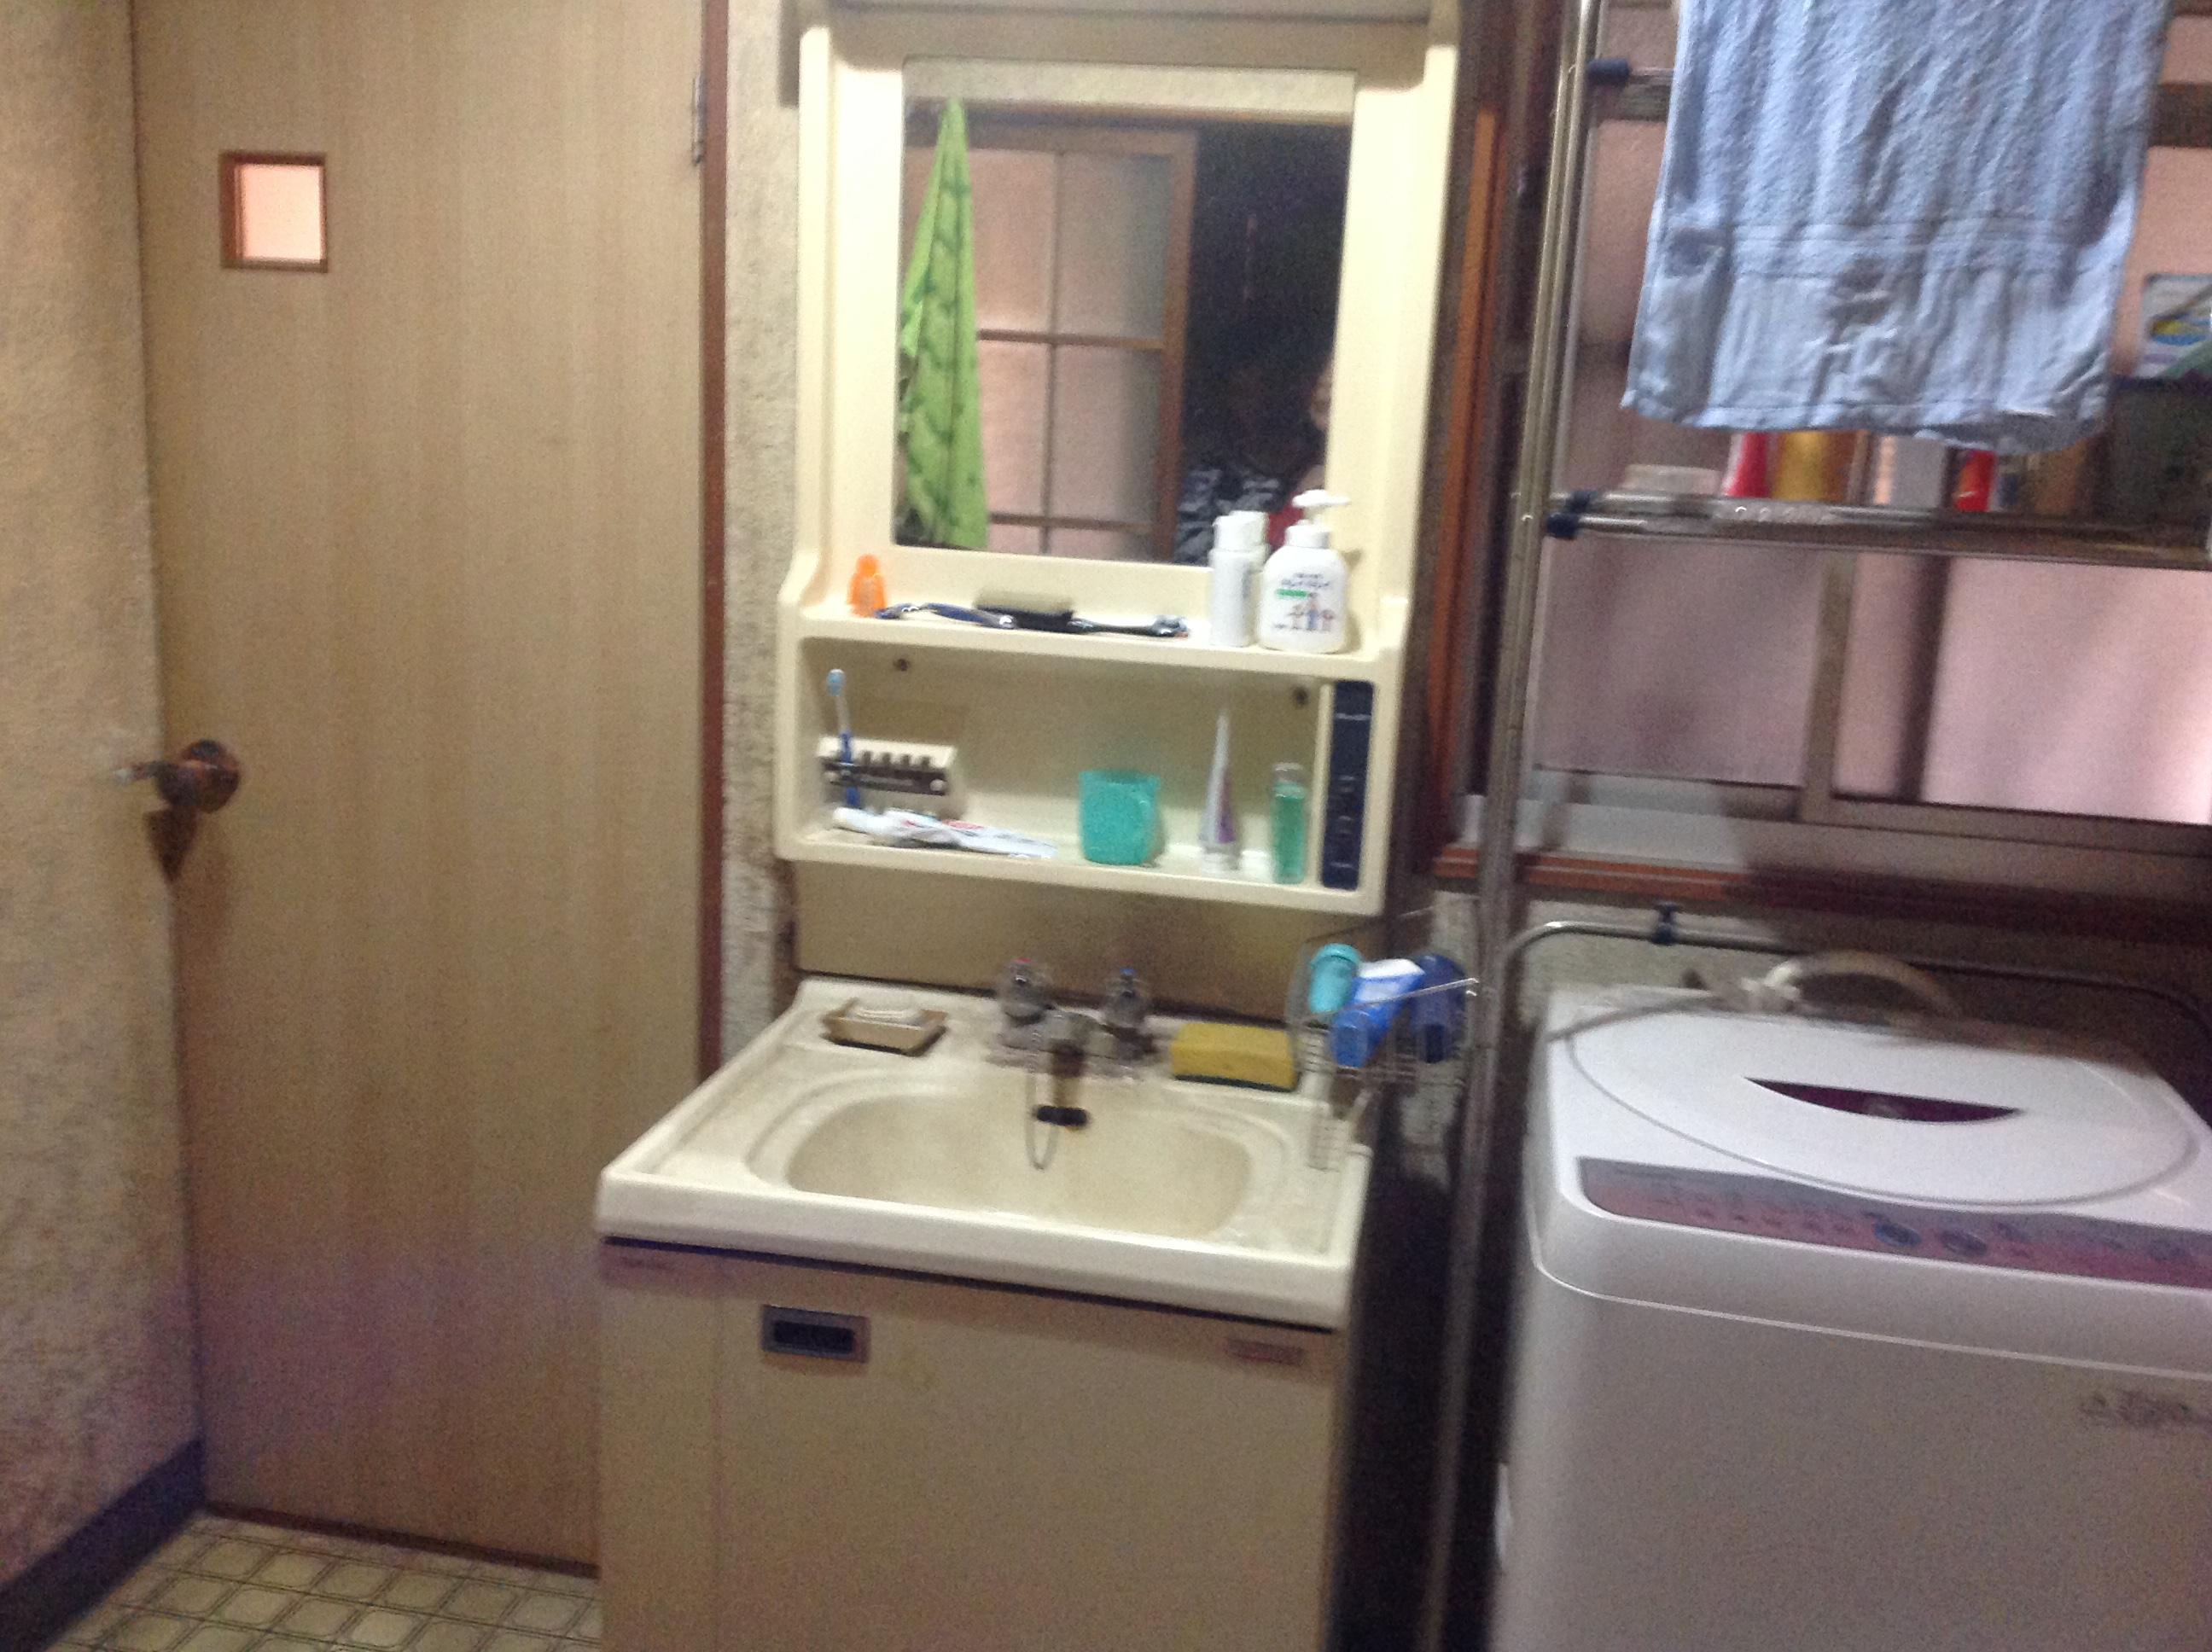 脱衣室がトイレの前にあり、家族同士気を使いながら使用していました。